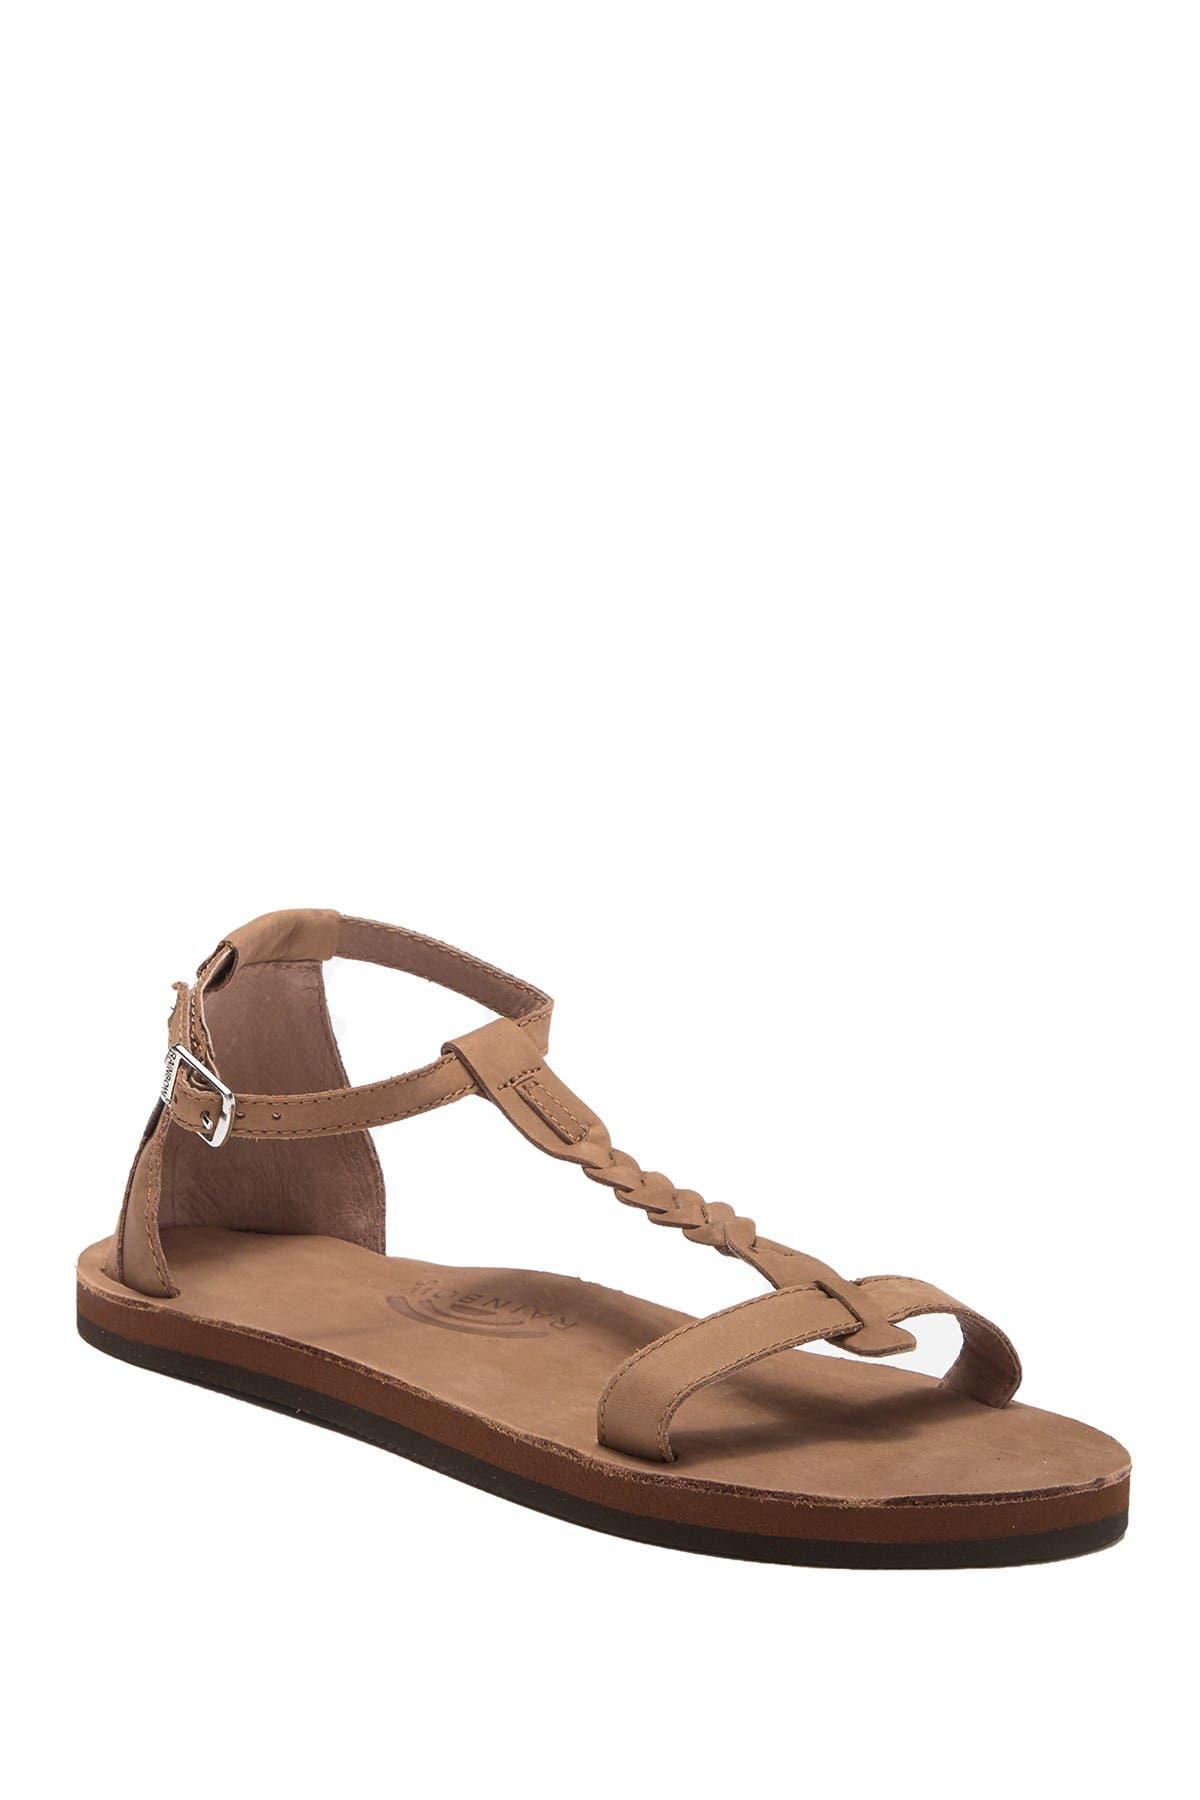 Rainbow   Calafia Braid Sandal